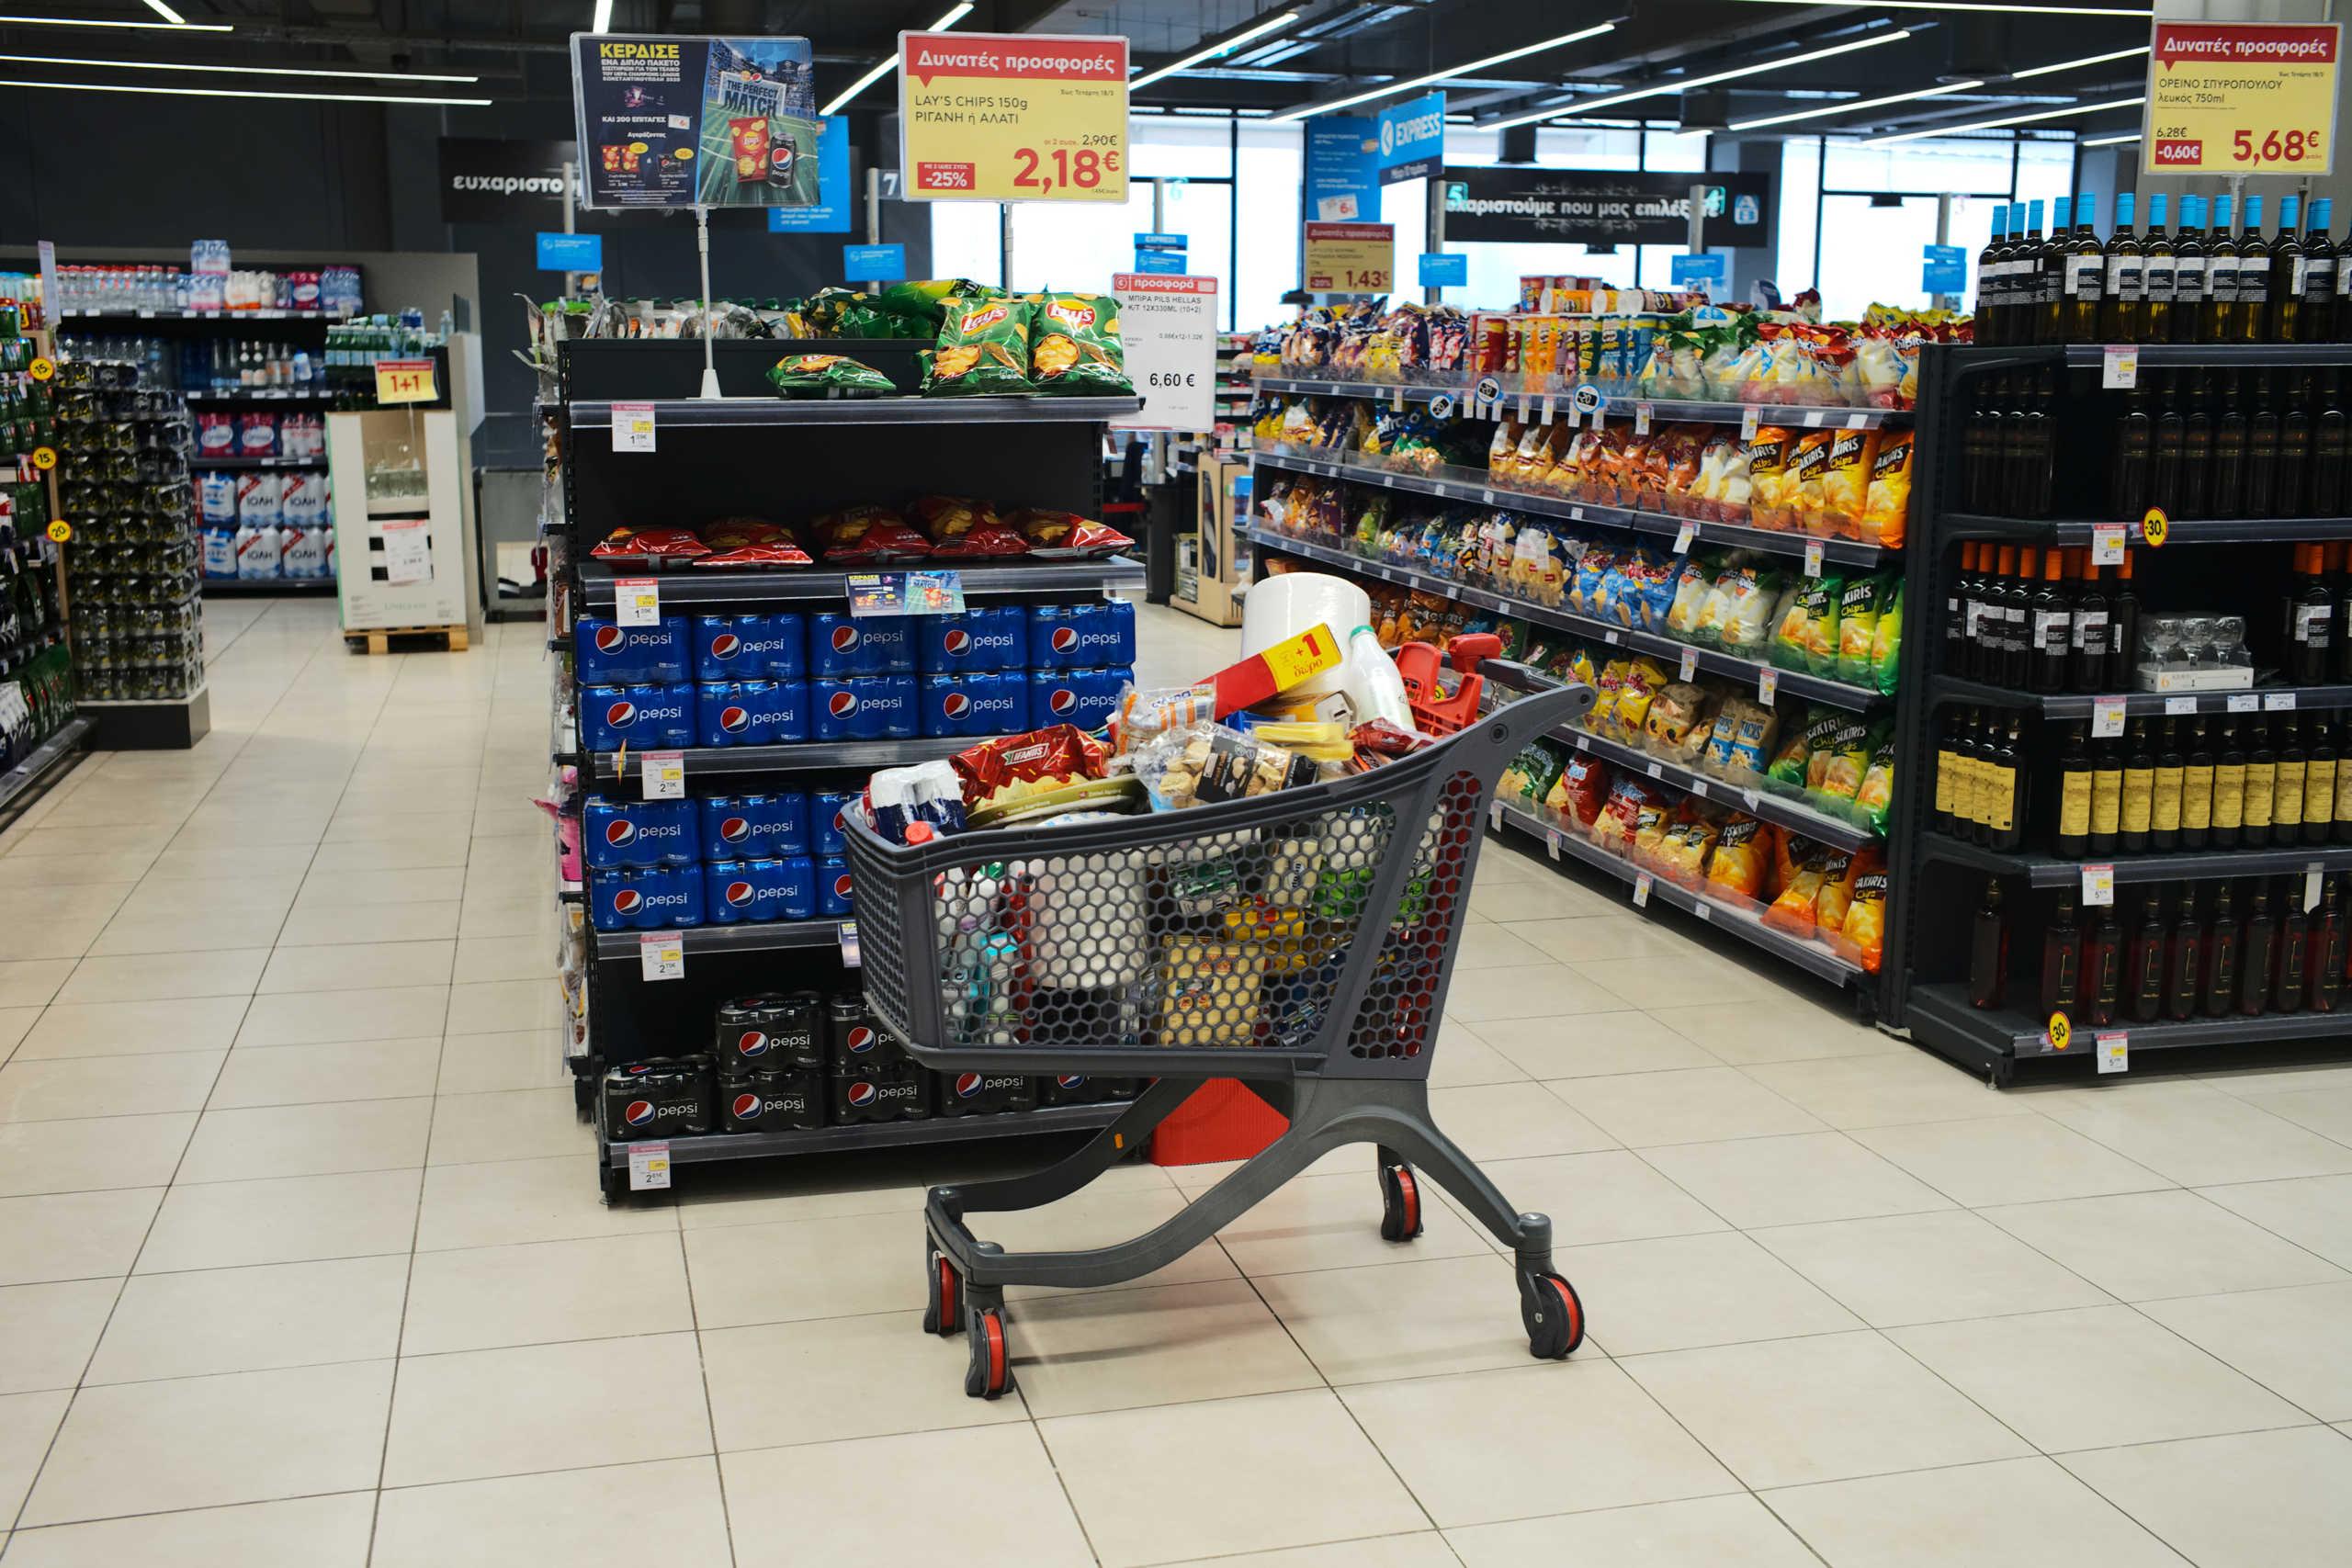 """Ηράκλειο: Πήγαν για """"ψώνια"""" στο σούπερ μάρκετ κι έφυγαν με χειροπέδες"""